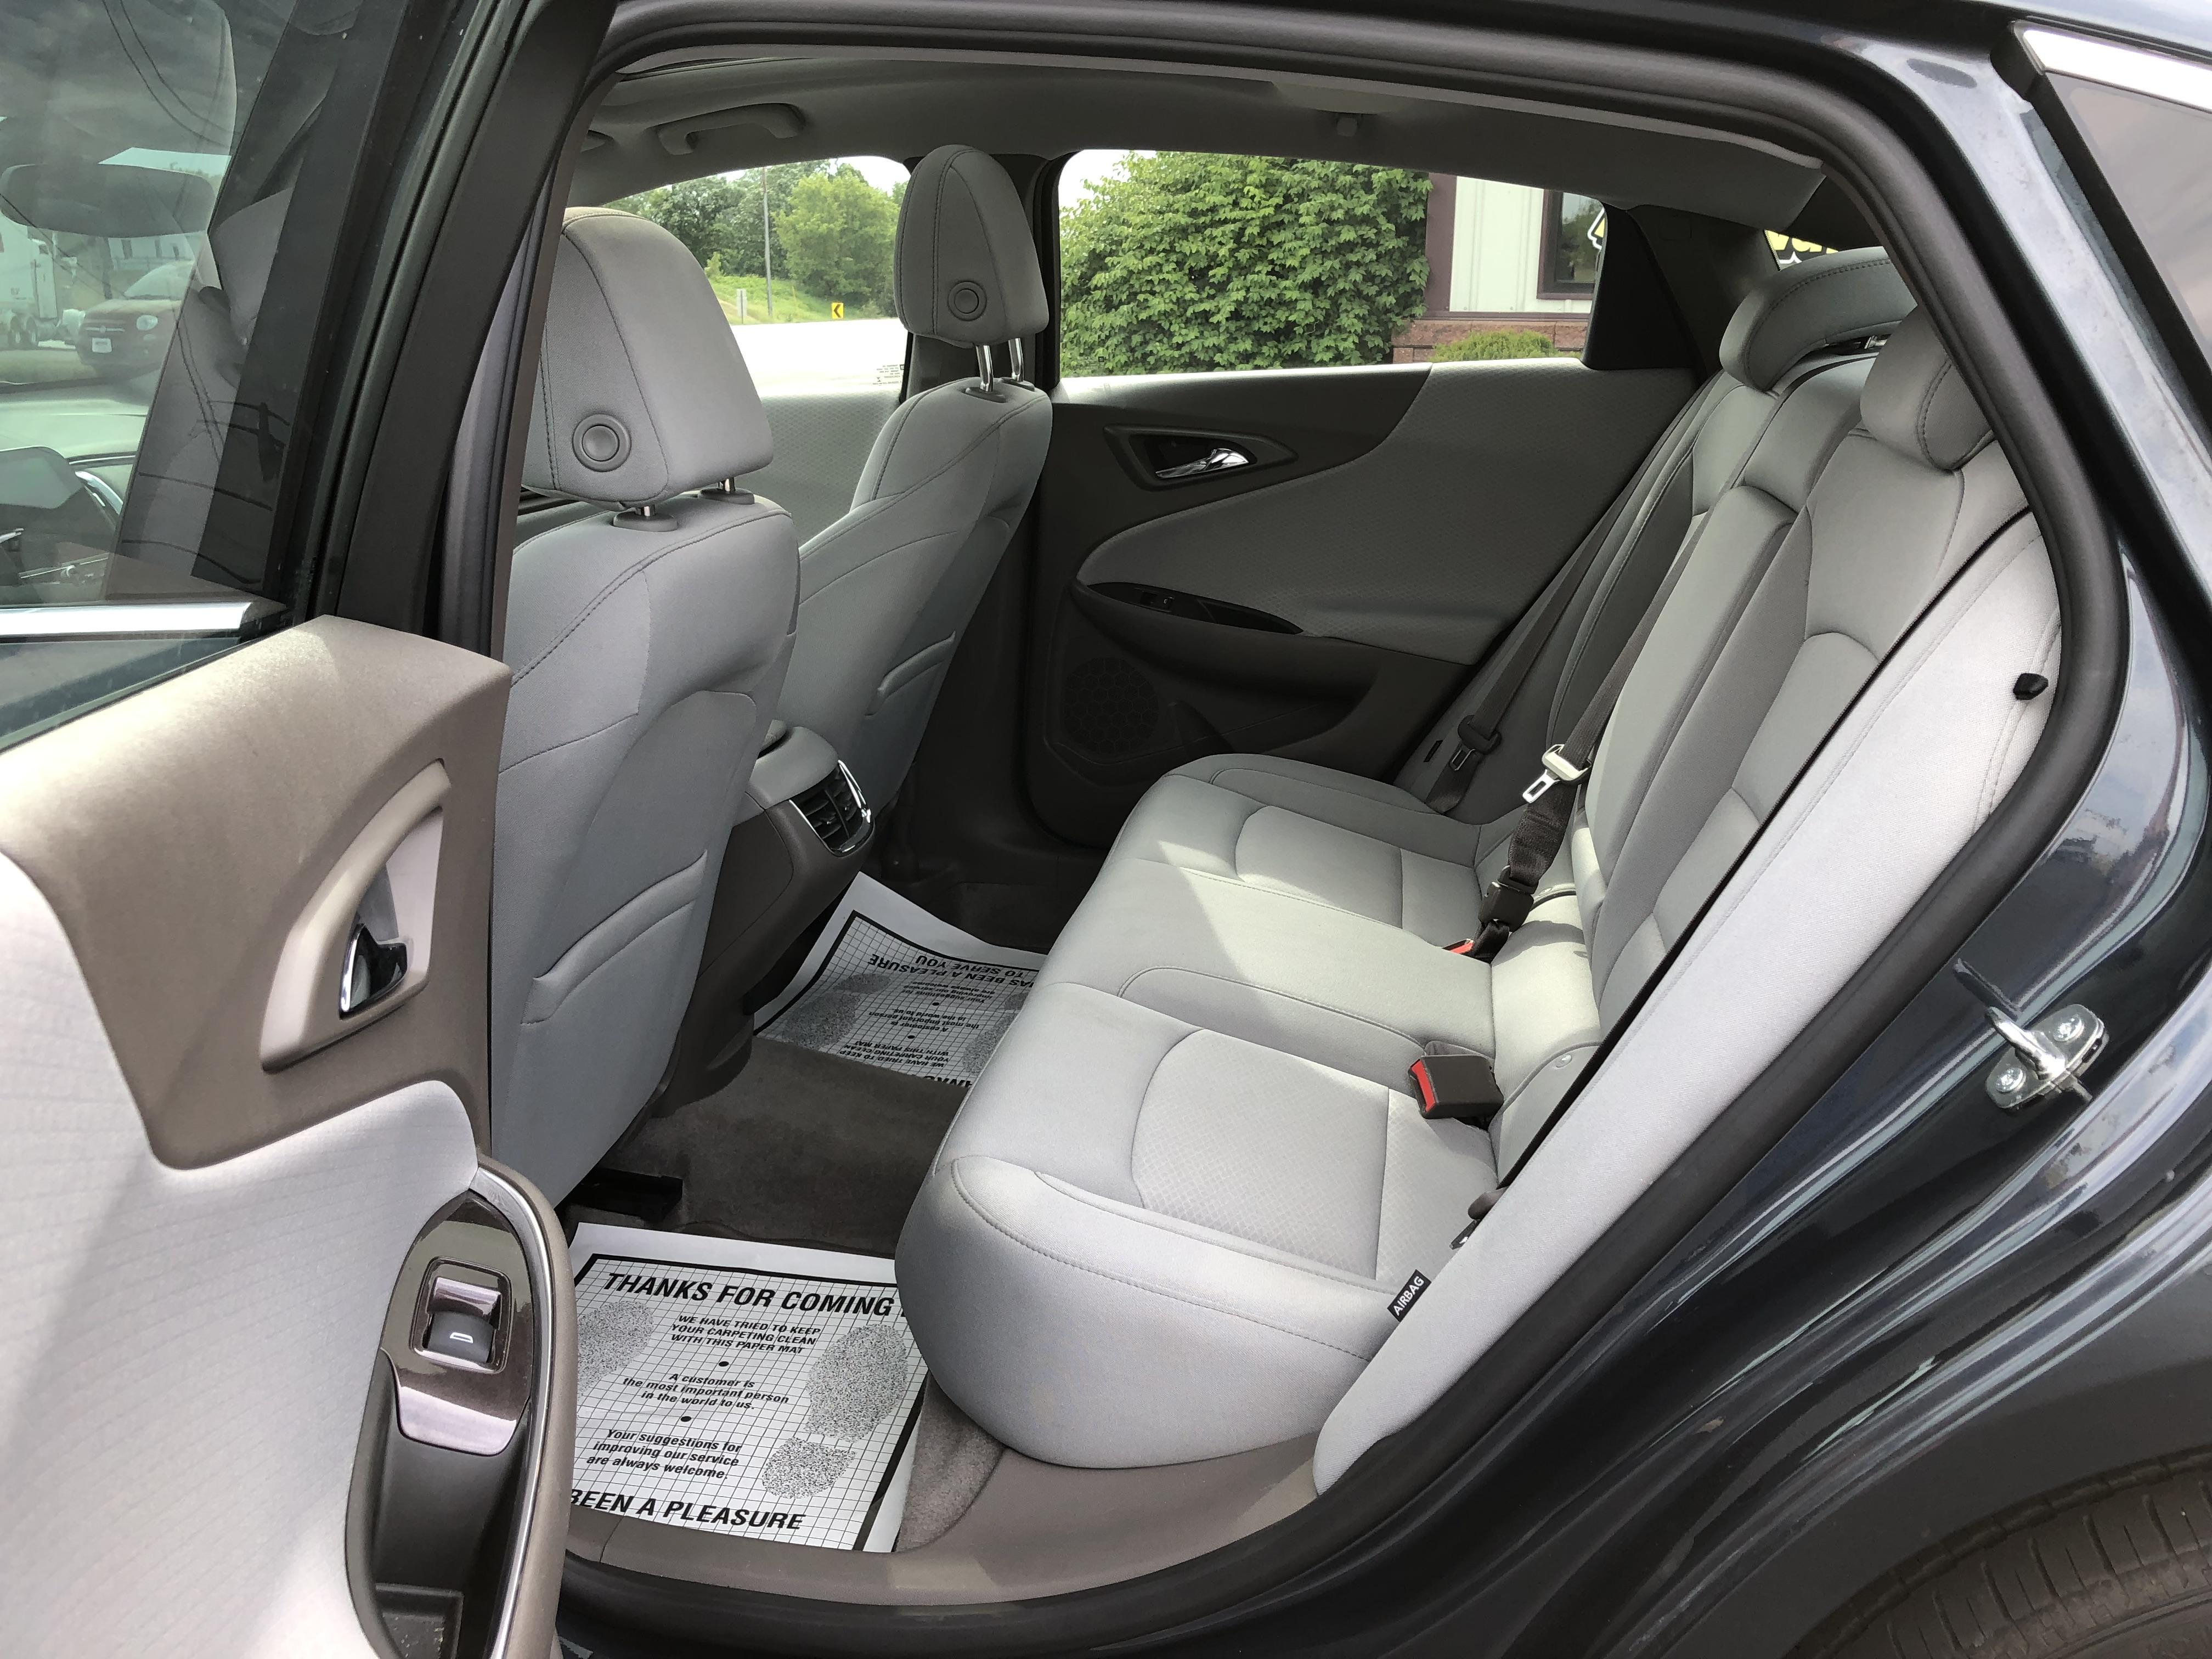 used vehicle - Sedan Chevrolet Malibu 2019